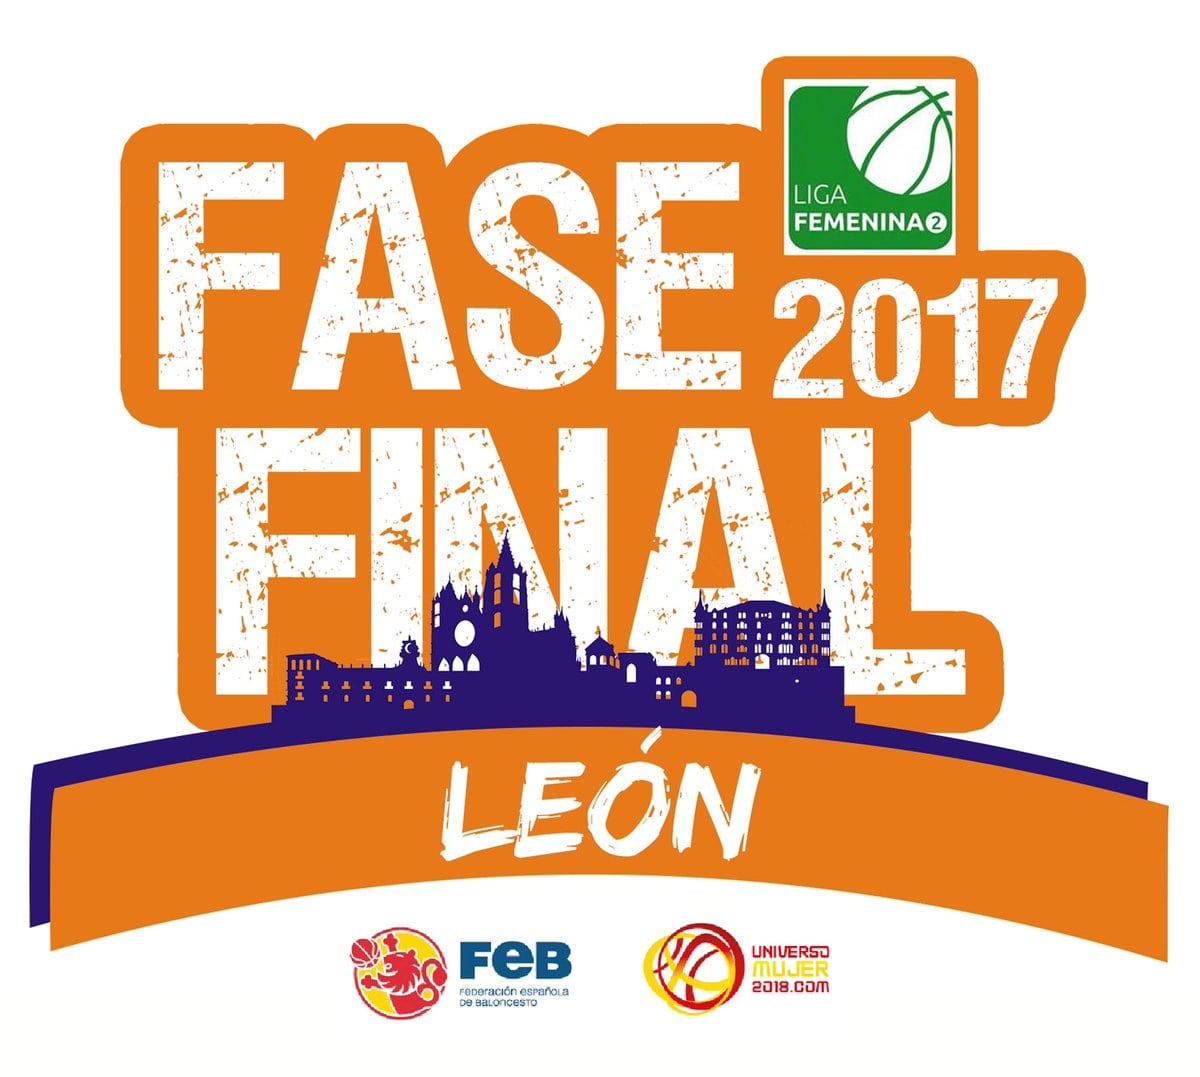 Horarios de la Fase Final de Liga Femenina 2. 20 al 23 de abril en León